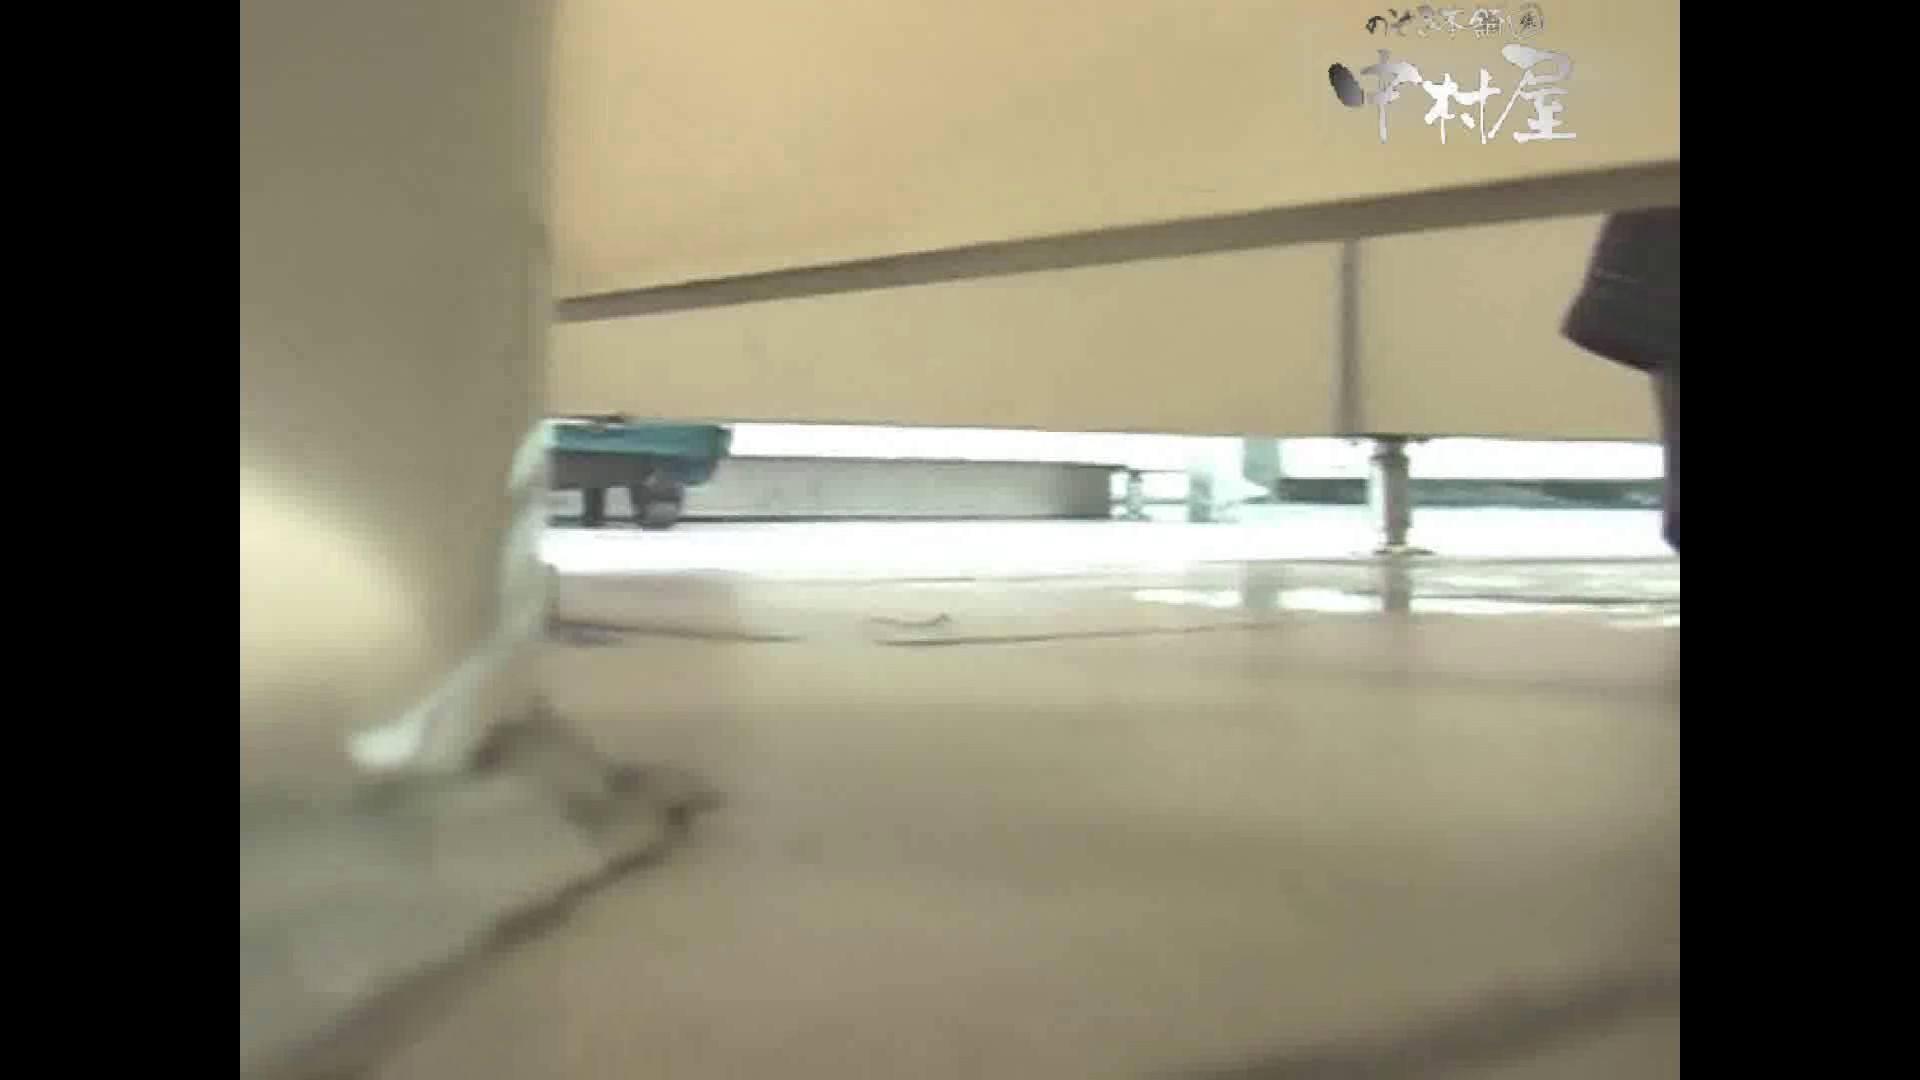 岩手県在住盗撮師盗撮記録vol.13 オマンコ | ハプニング  63pic 38